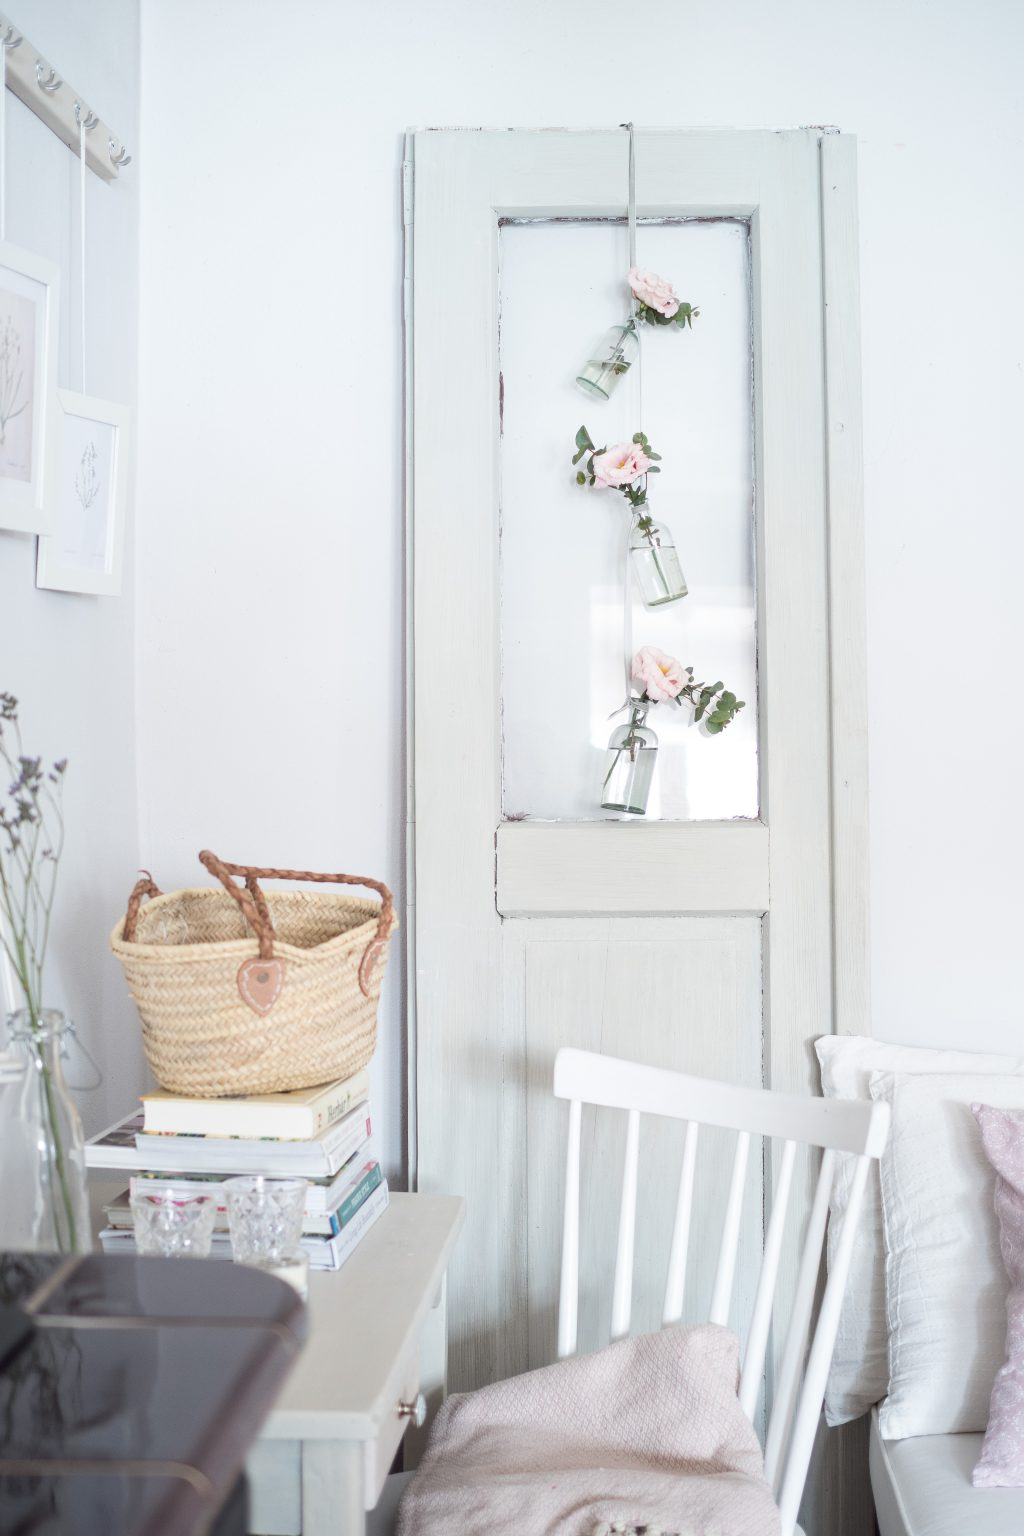 Závěsná jarní dekorace z květin